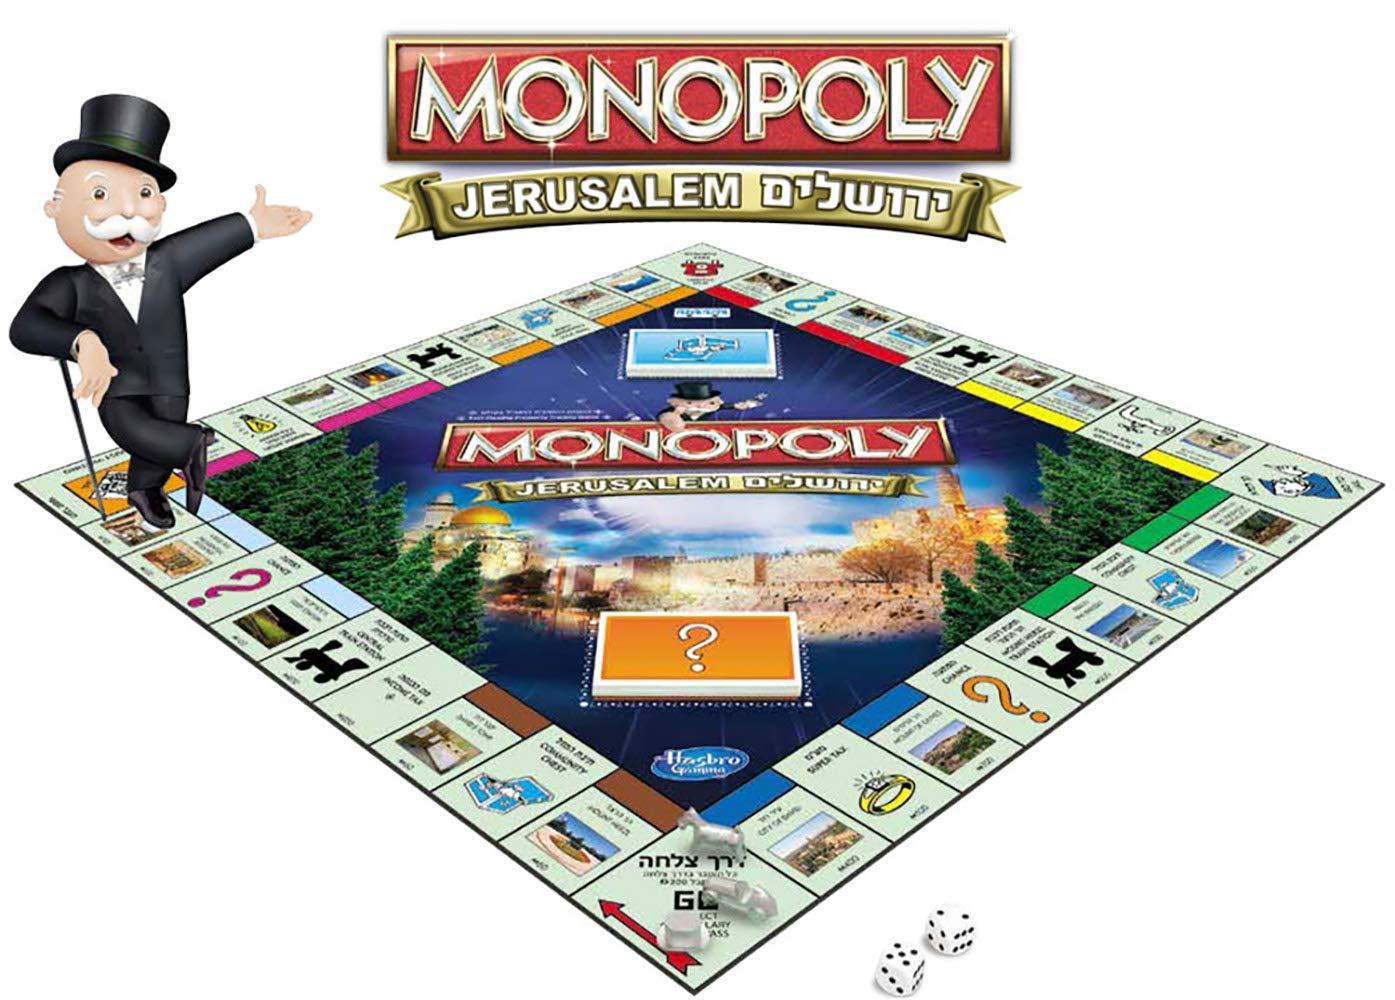 Amazon.com: Monopoly: Jerusalem Edition - Nuevo juego de ...